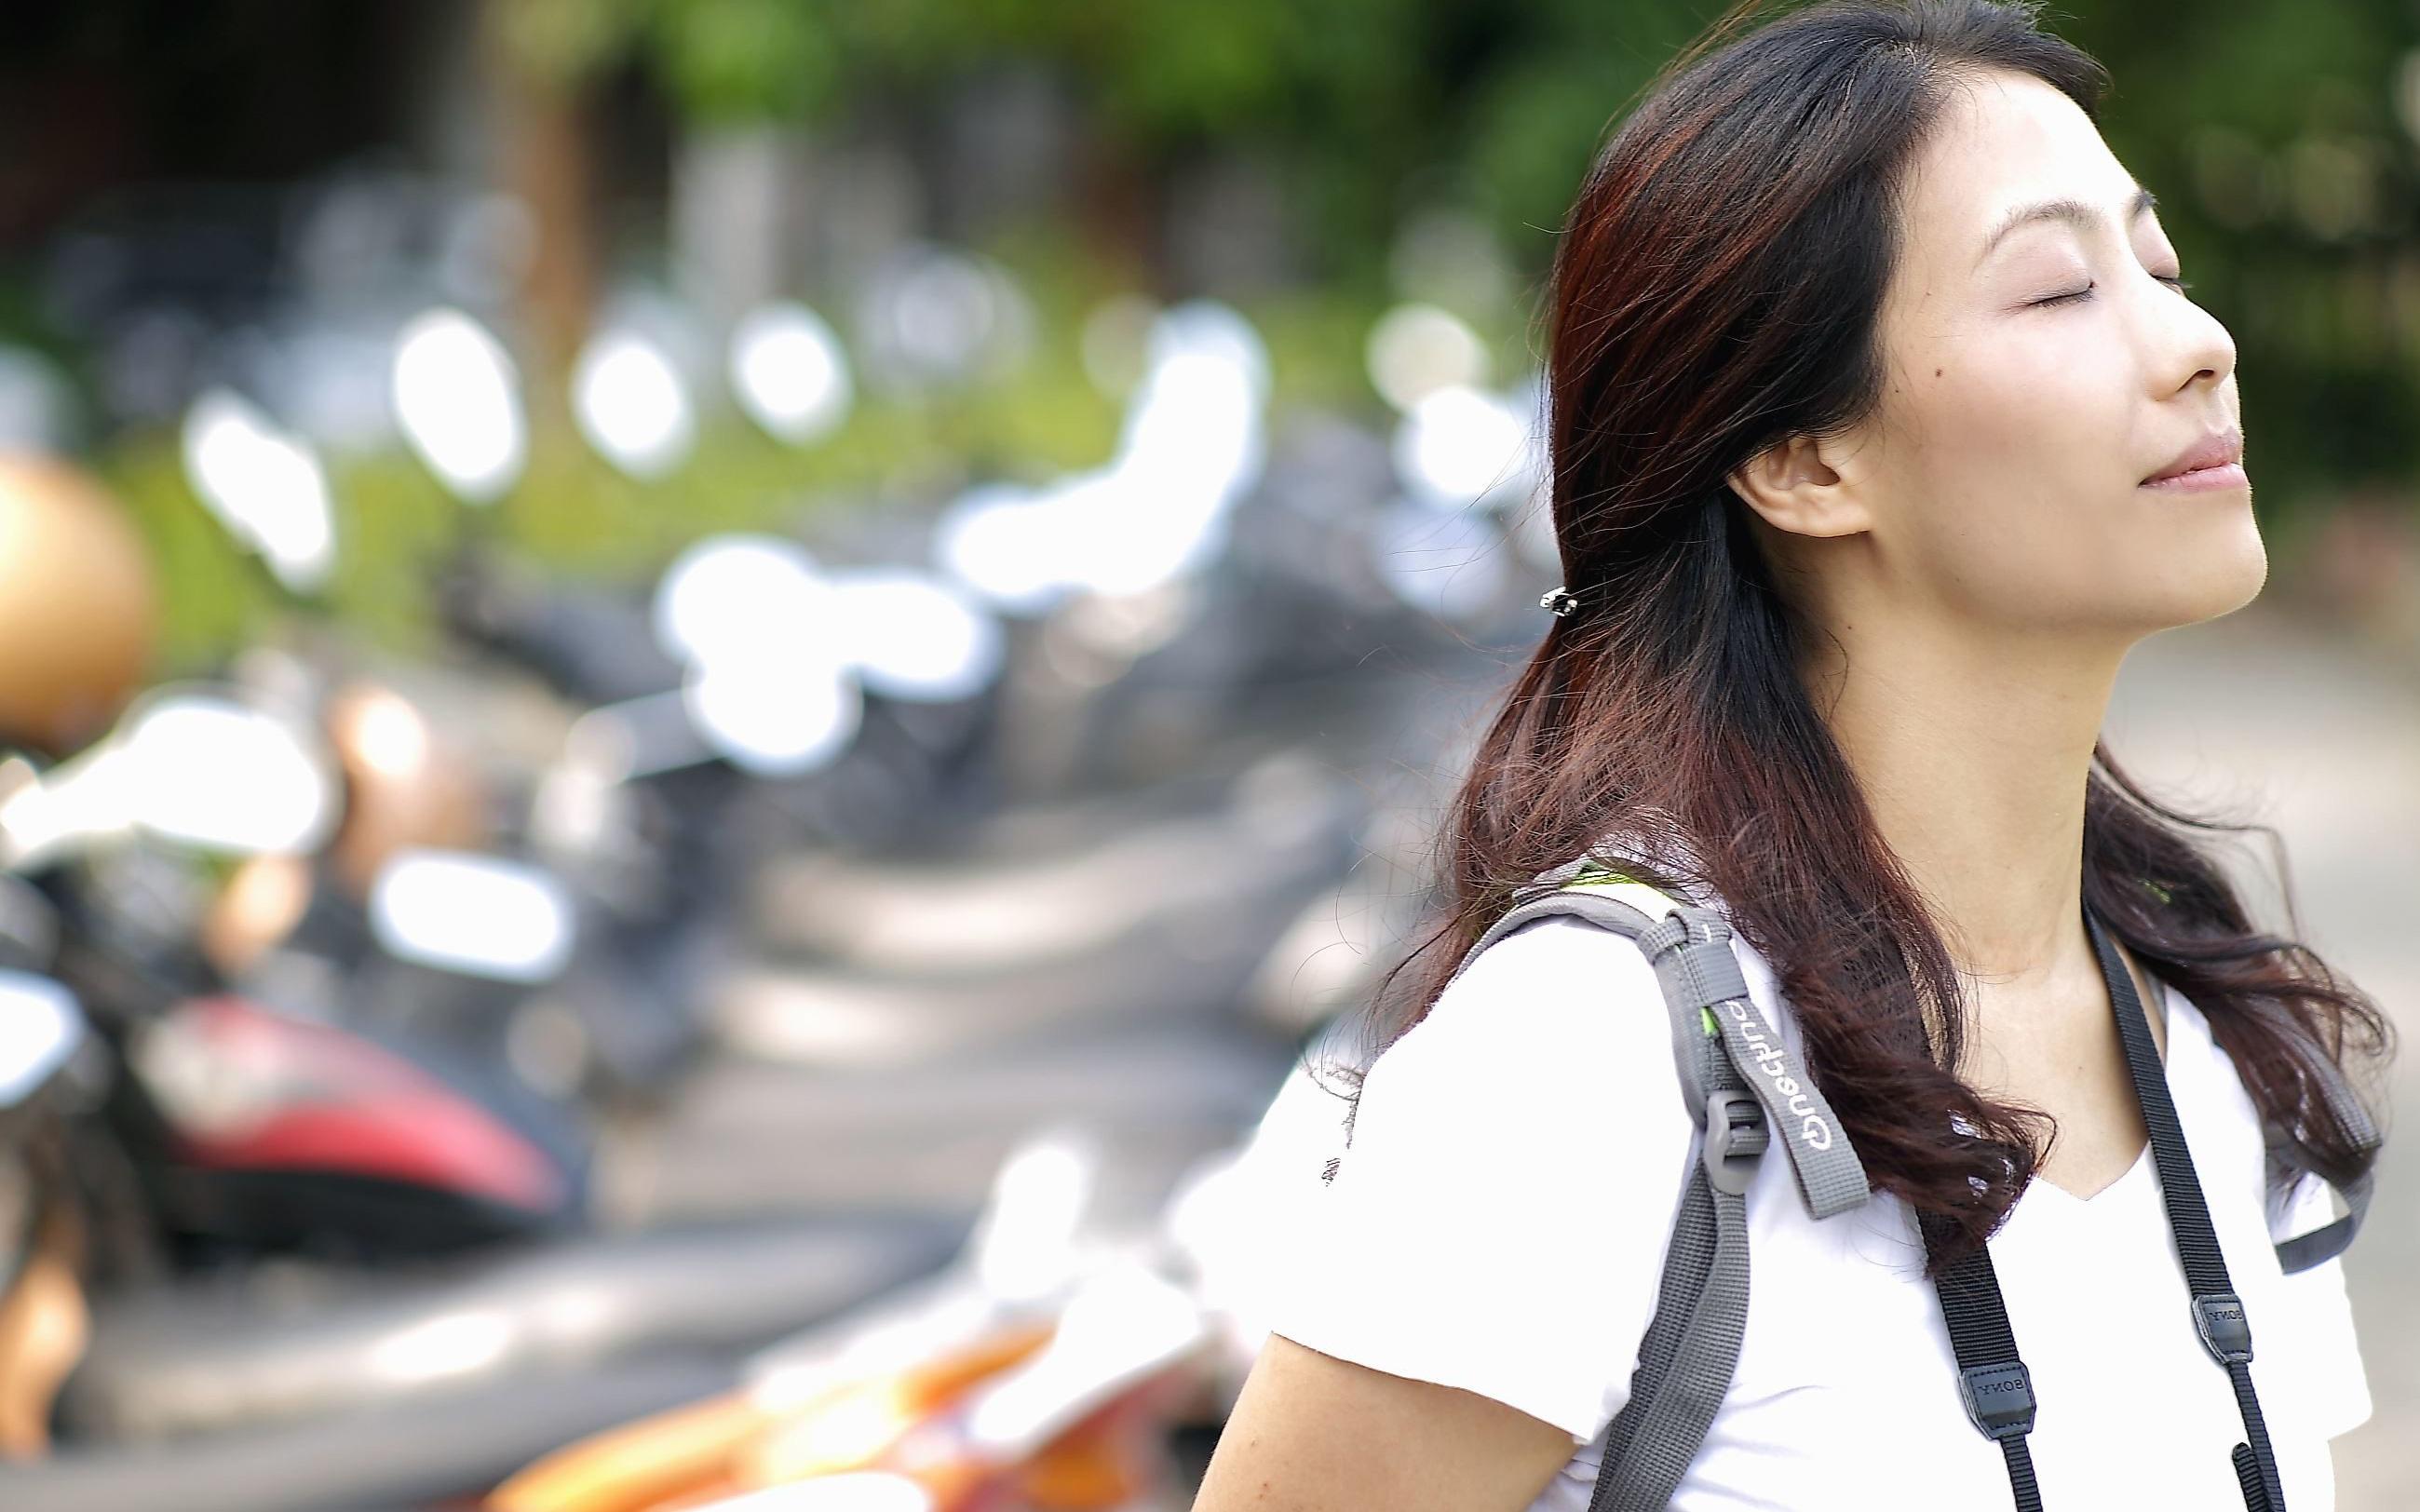 """8 điều phụ nữ cần """"nằm lòng"""" để tiêu tiền một cách khôn ngoan và hạnh phúc"""